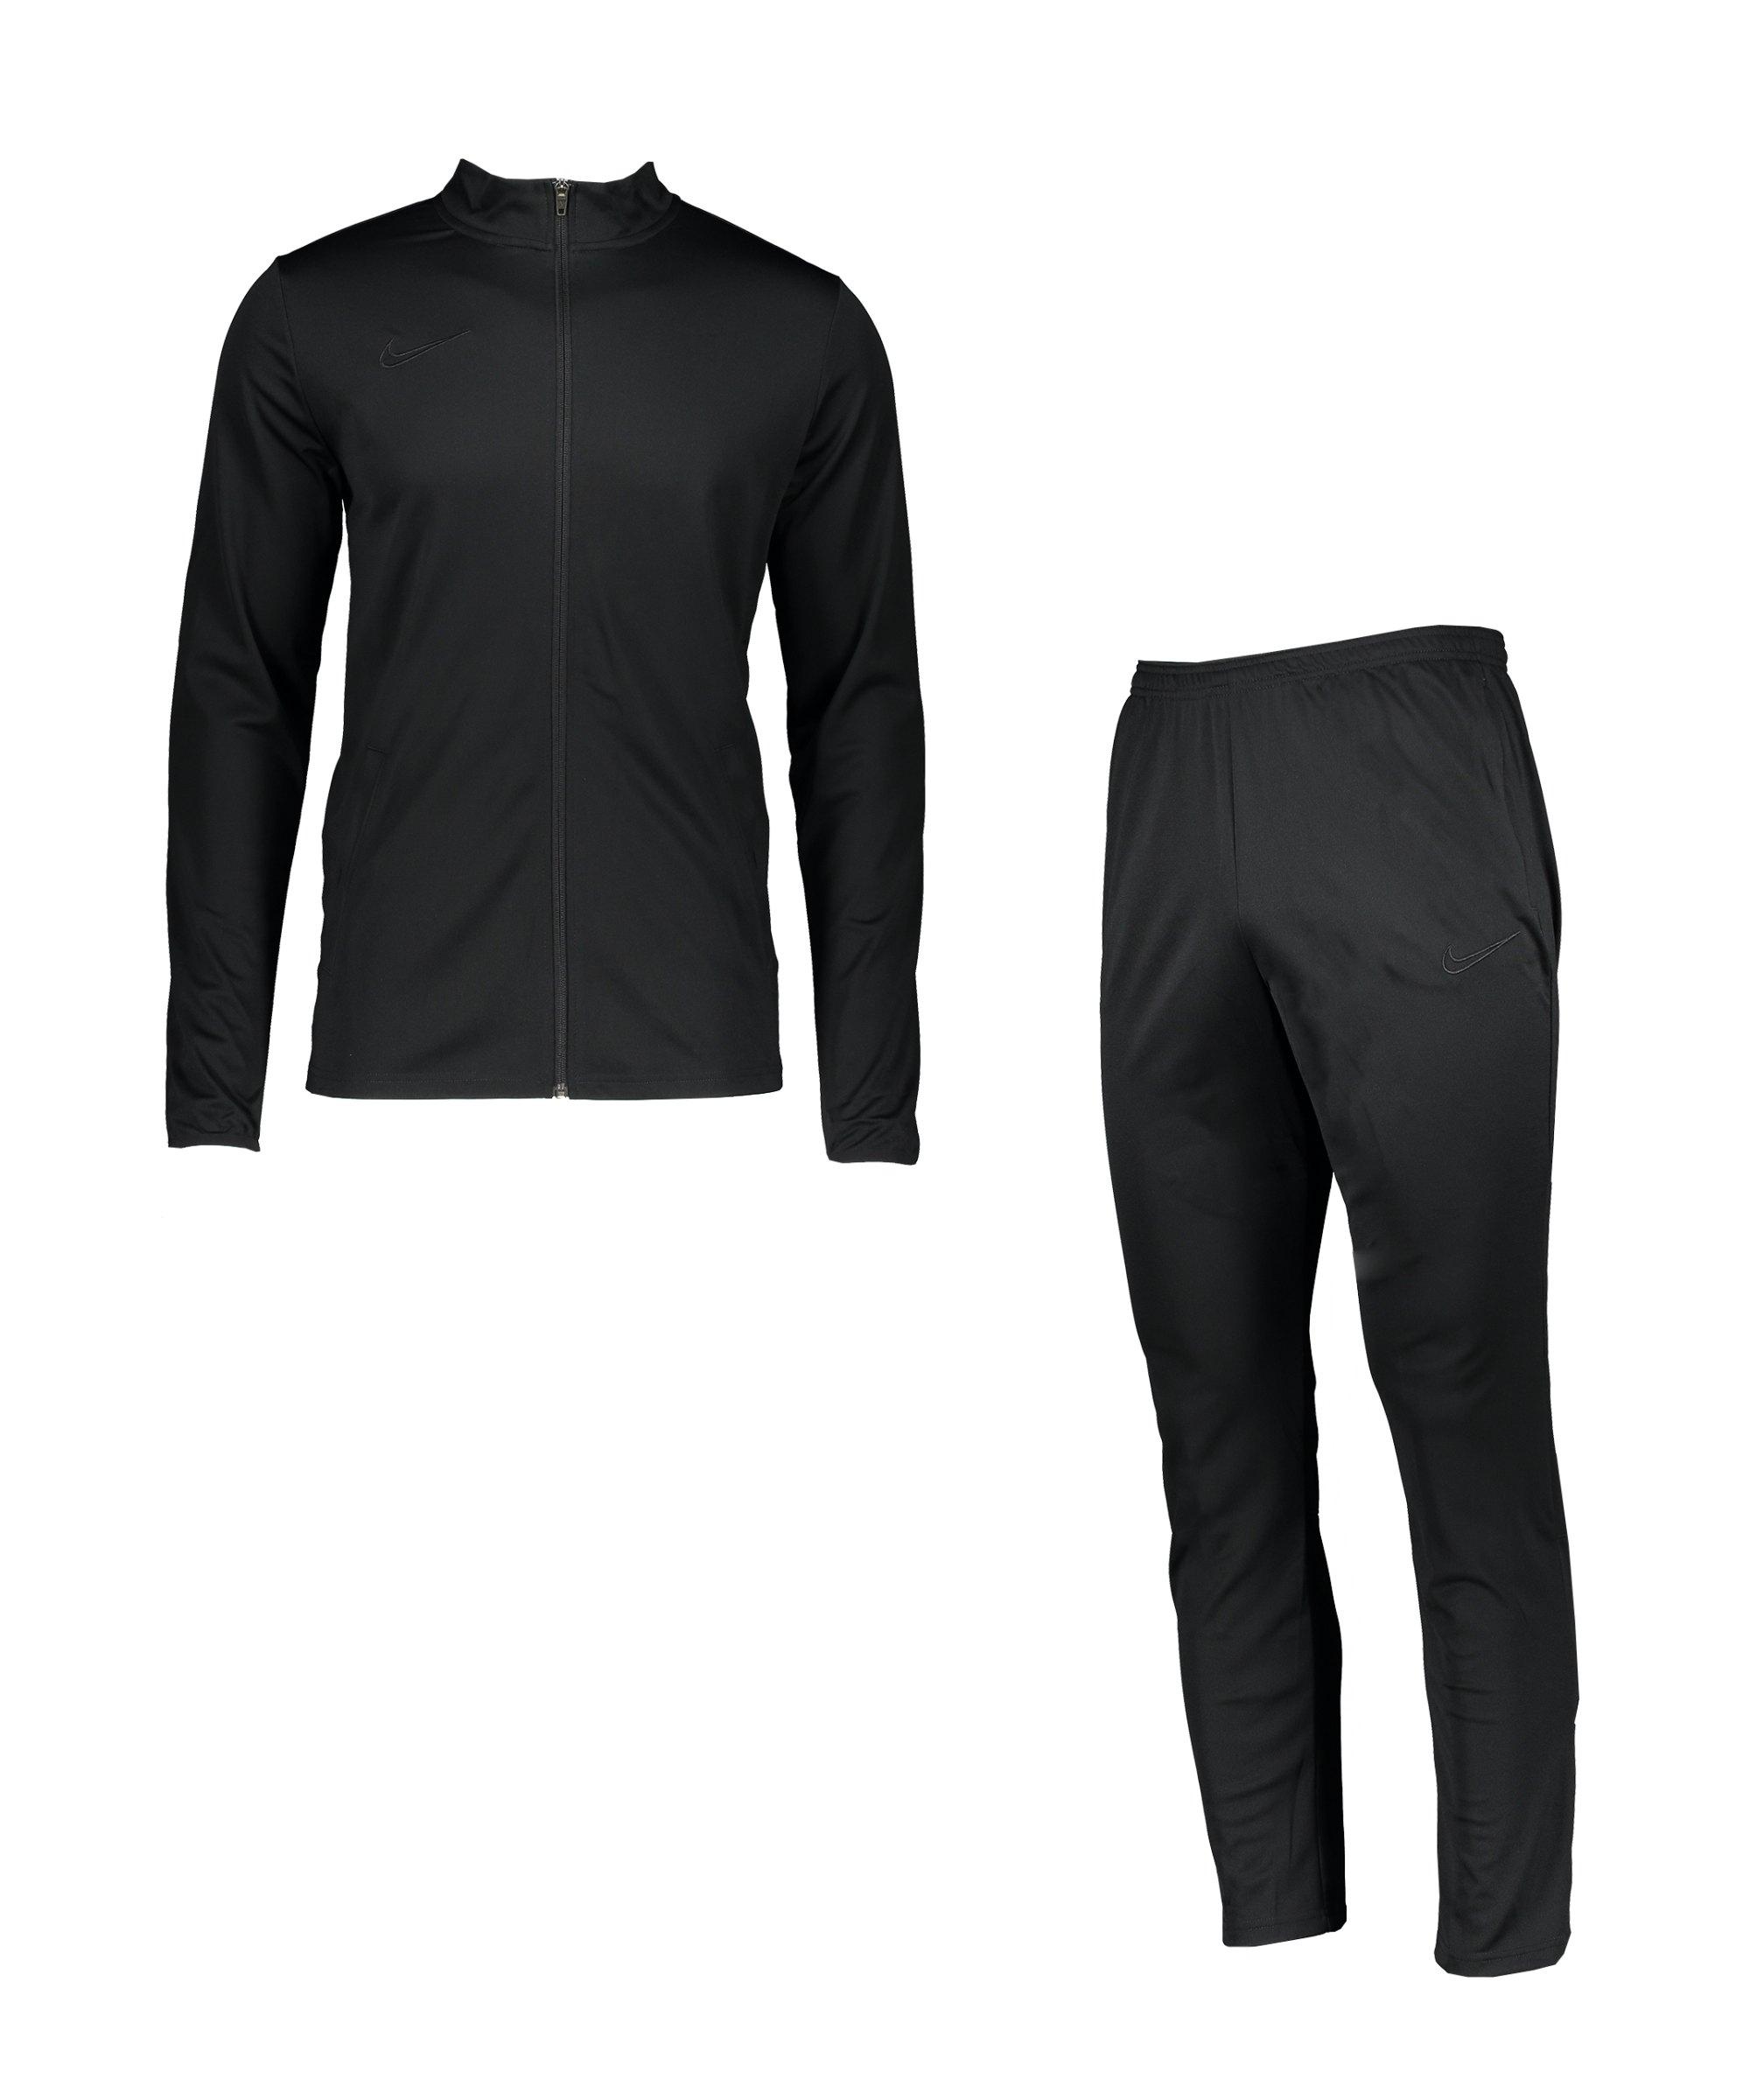 Nike Academy 21 Trainingsanzug Schwarz F011 - schwarz